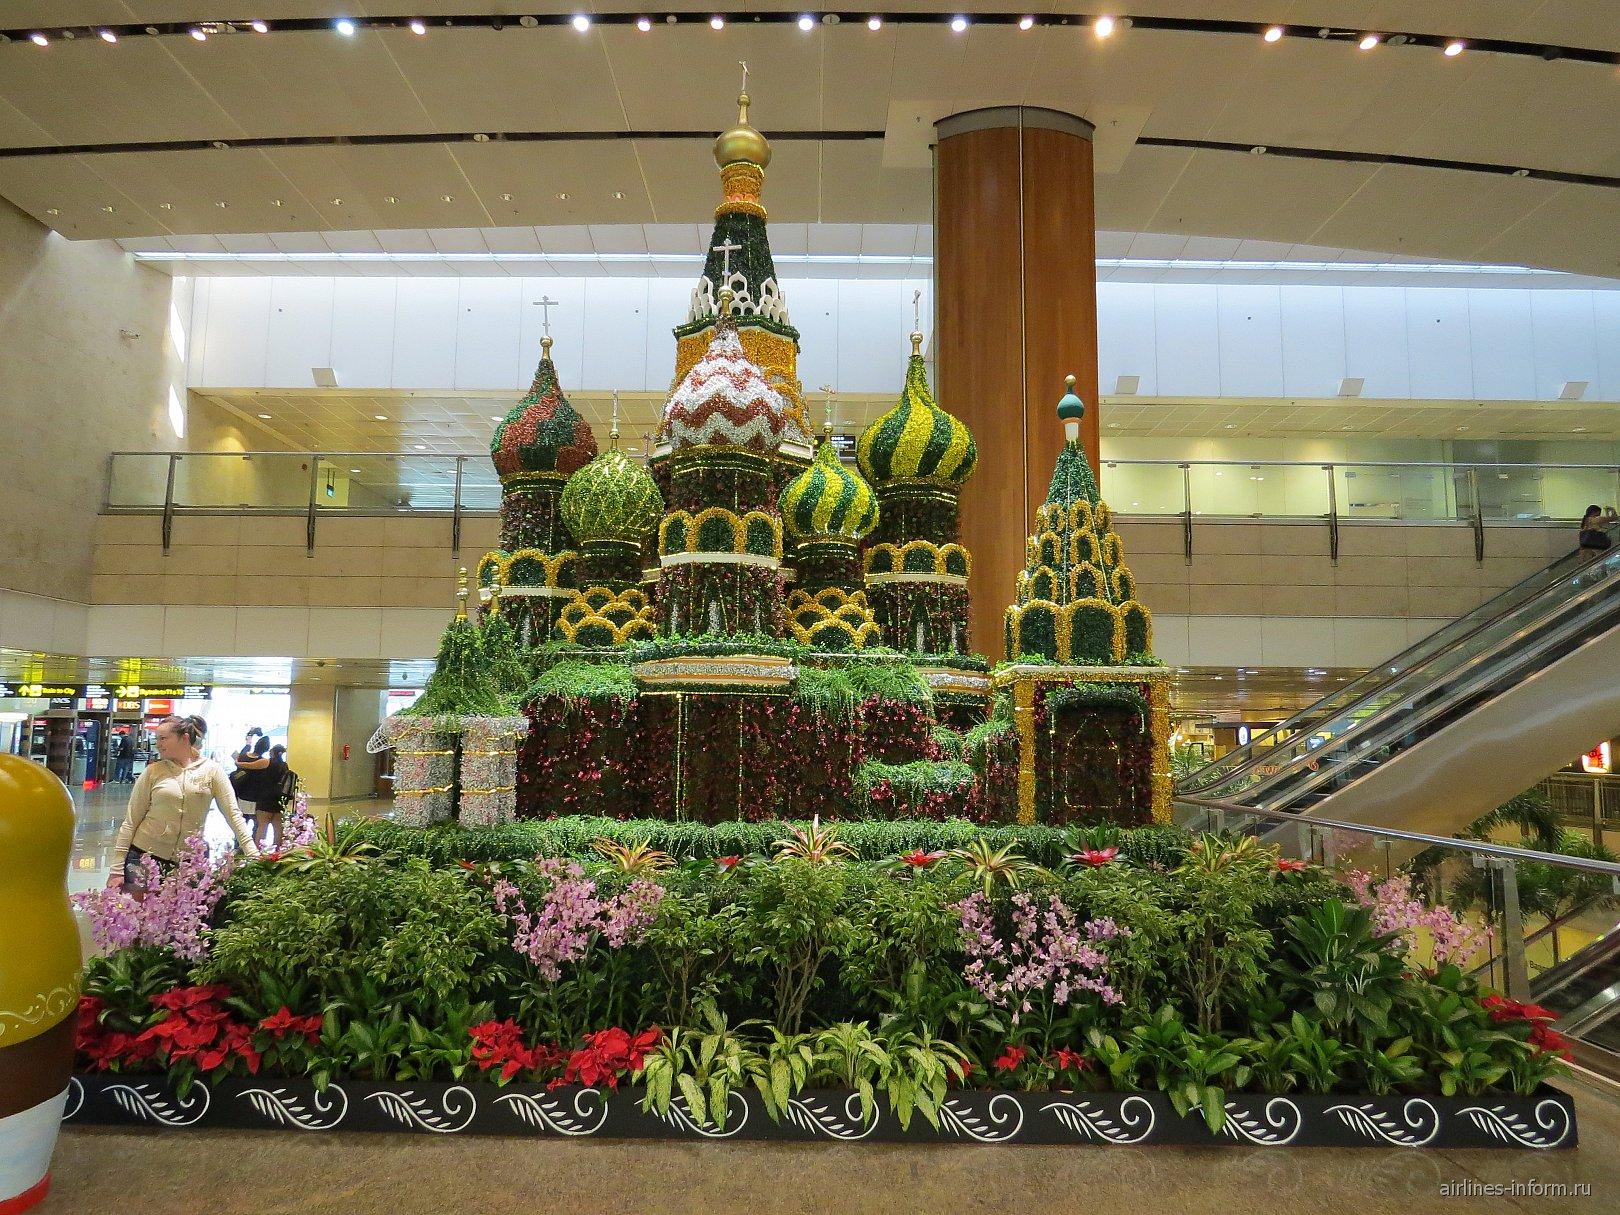 Цветочная композиция в аэропорту Сингапур Чанги